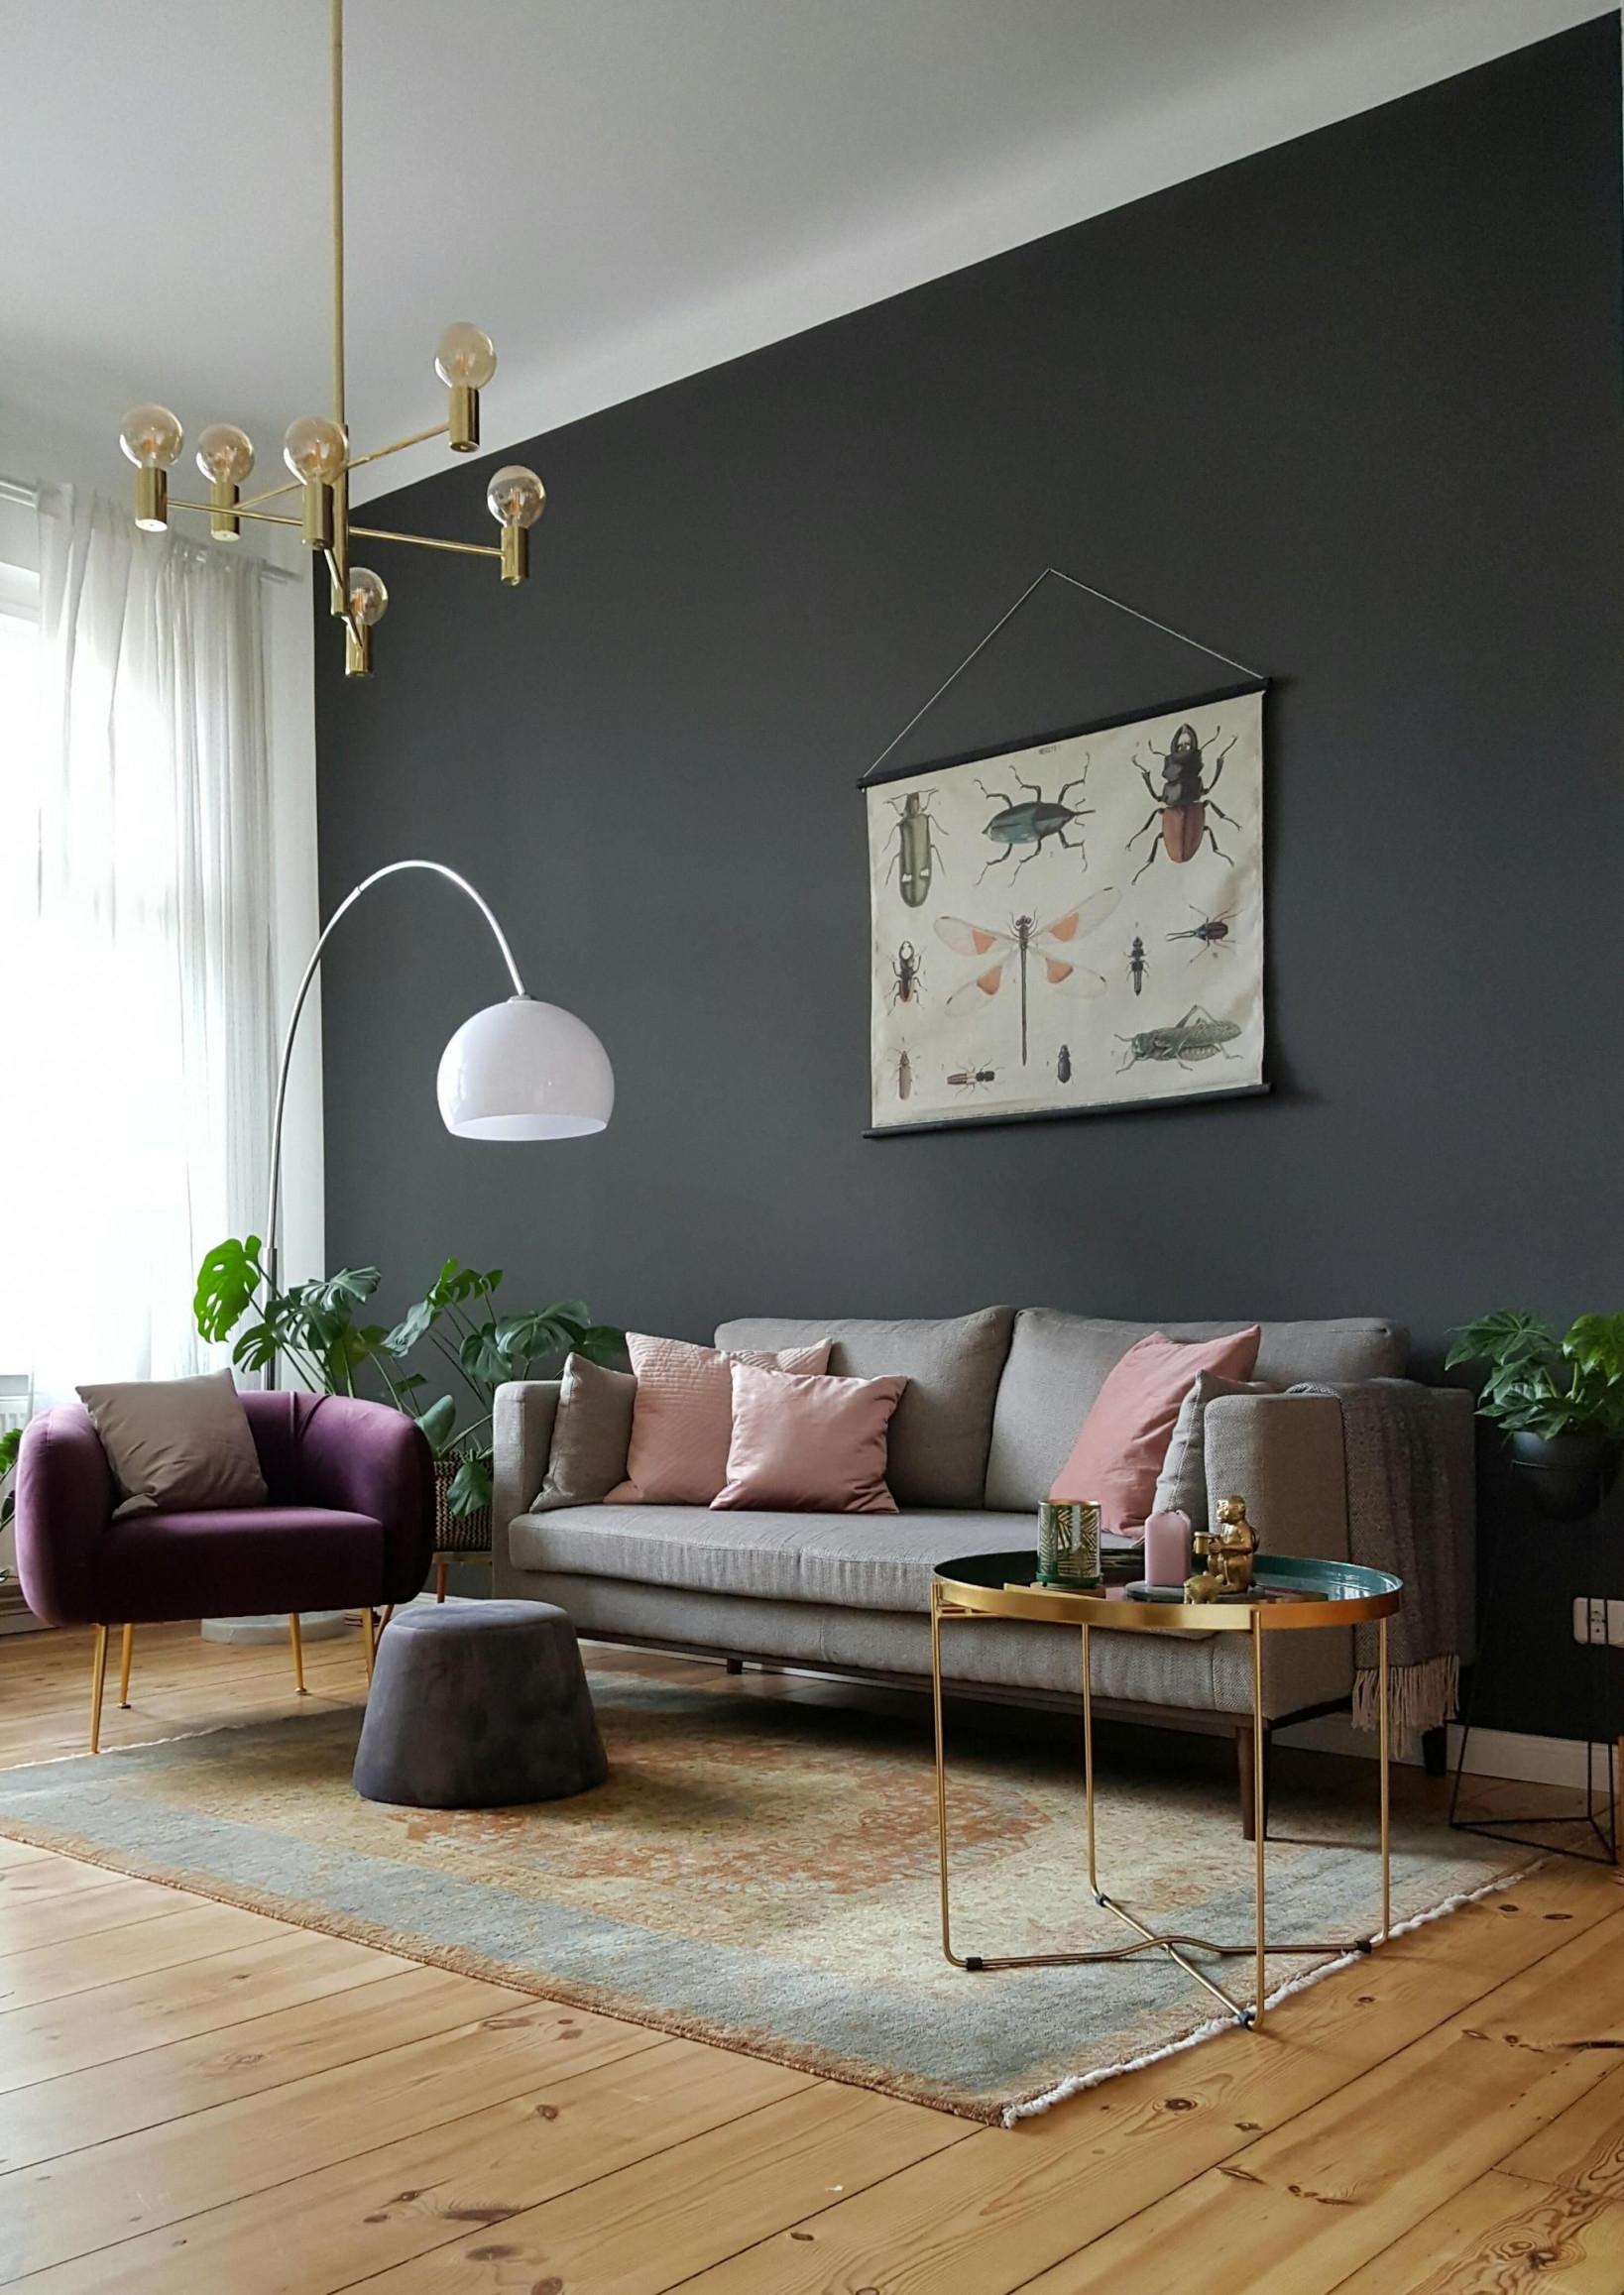 Neuer Teppich Wohnzimmer Skandinavisch Wandfarbe von Wohnzimmer Mit Teppich Gestalten Photo